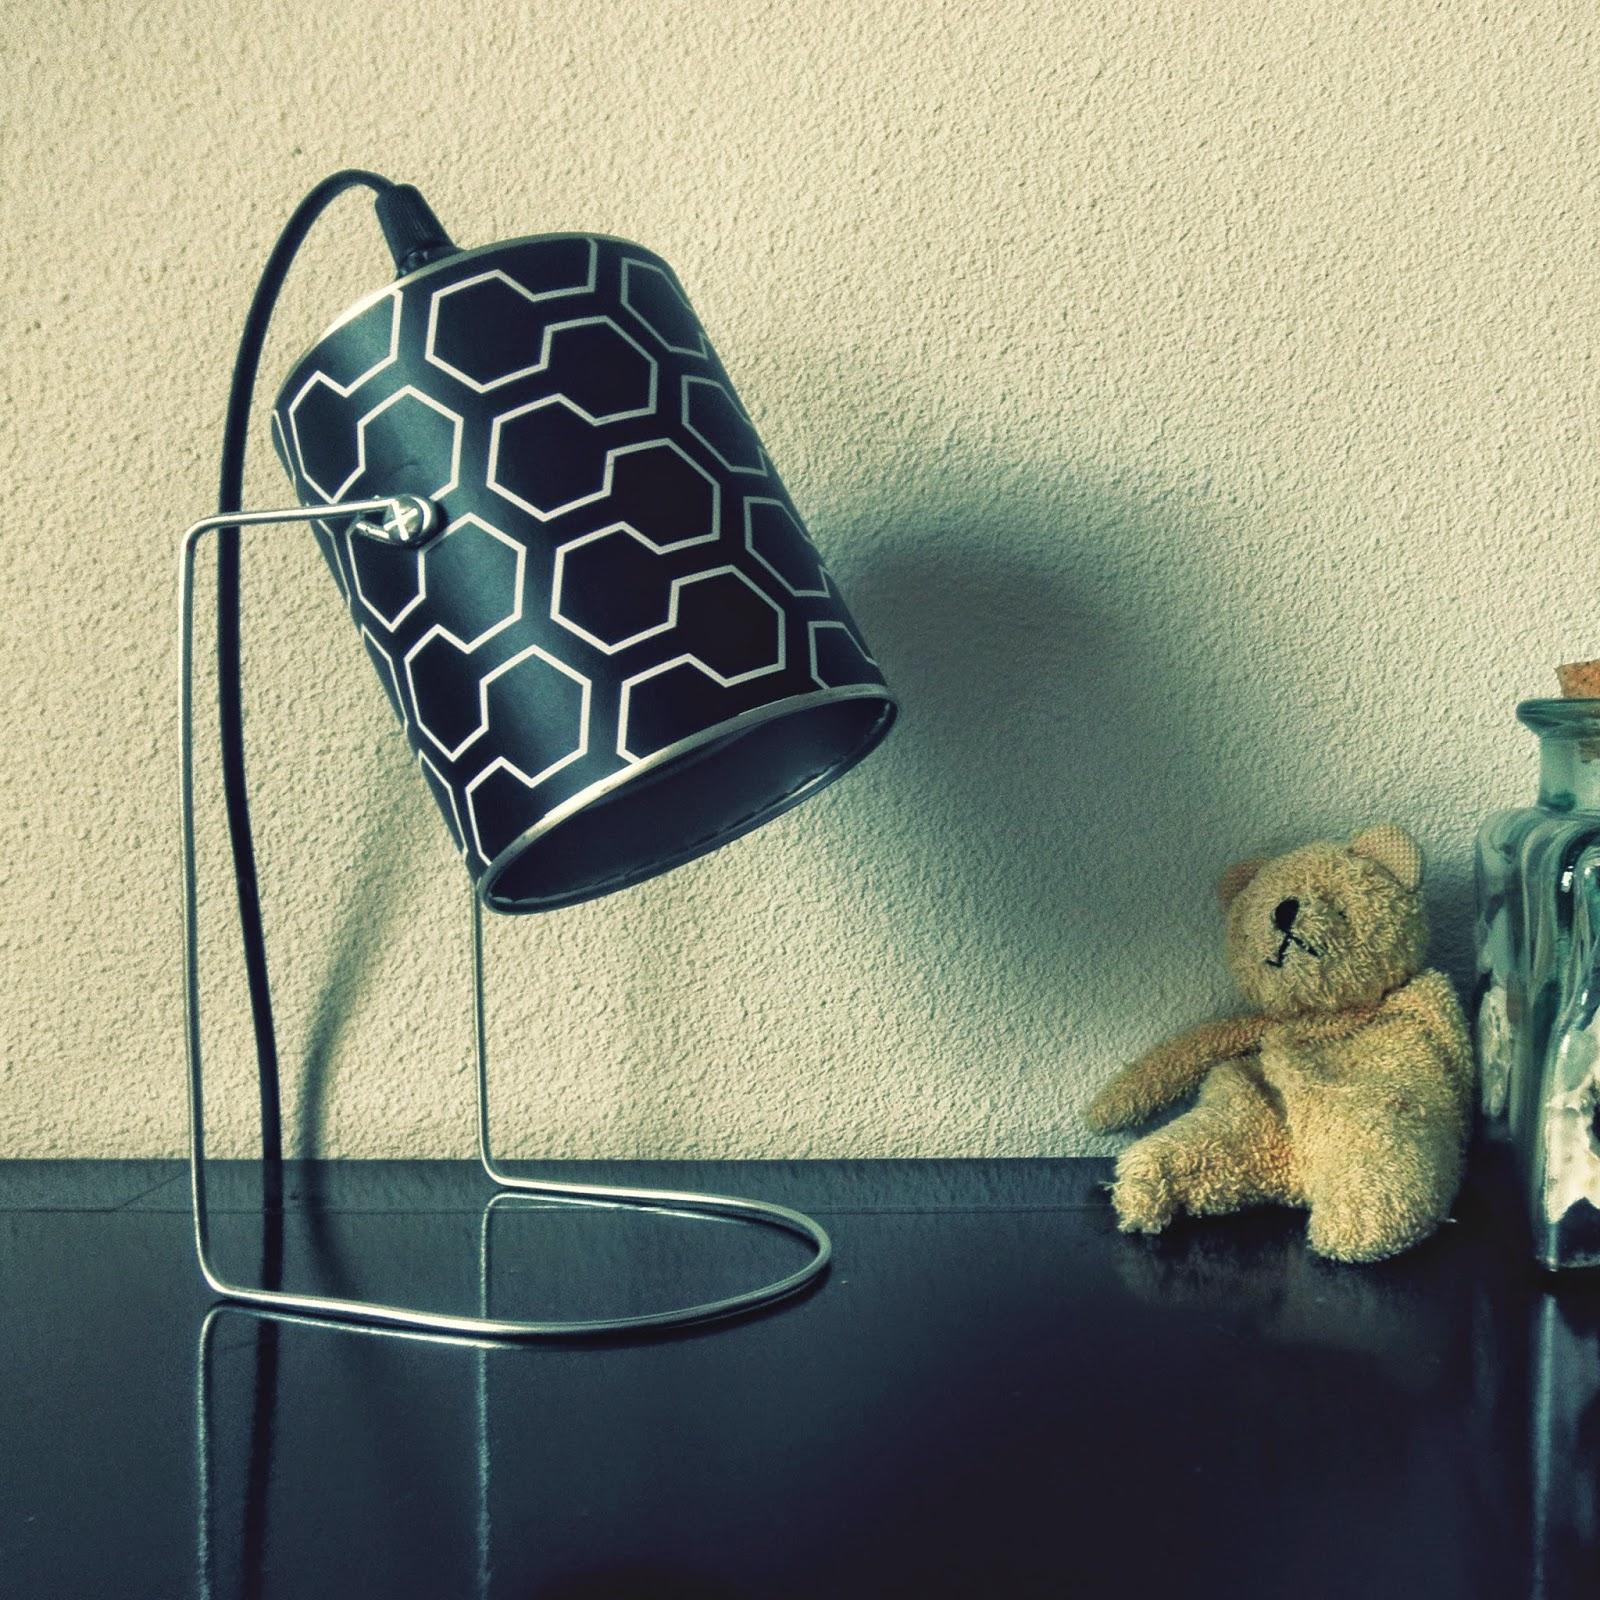 le blog de mr et mrs bin lampe spot boite de conserve. Black Bedroom Furniture Sets. Home Design Ideas